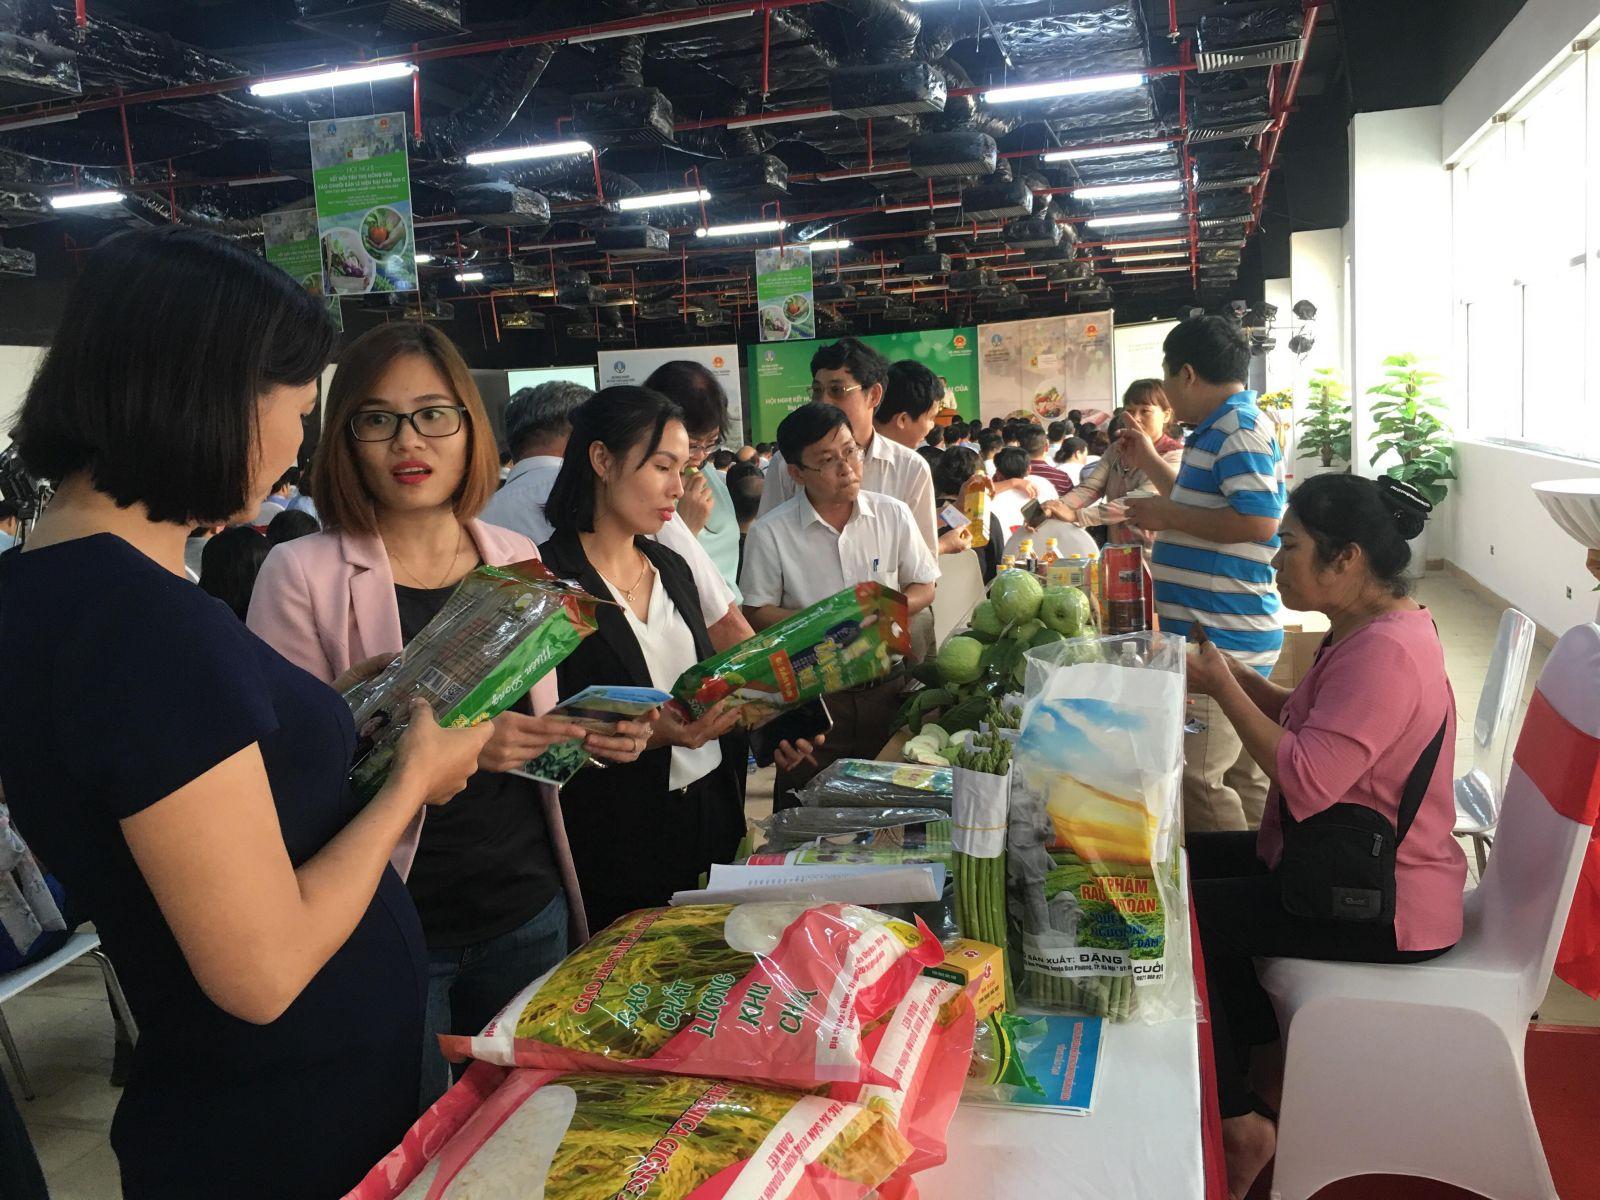 Các sản phẩm OCOP của Hà Nội được trưng bày tại triển lãm giao thương các sản phẩm OCOP năm 2019 (Ảnh tư liệu)